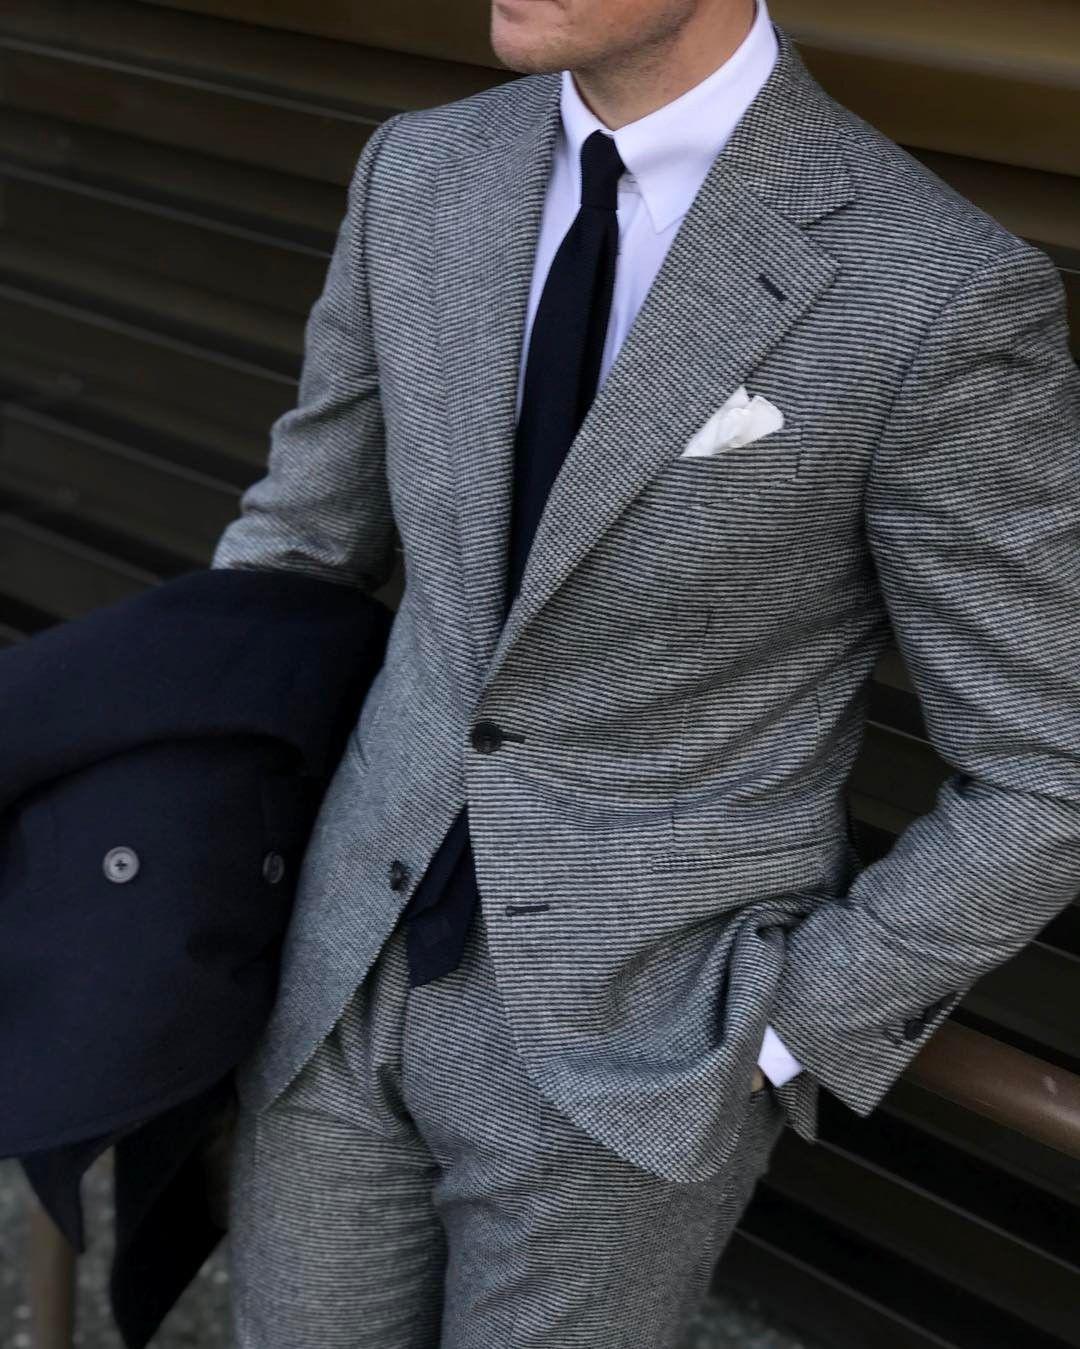 Flannel formal dress  Mr Derek Bleazard Grey houndstooth flannel suit White tab collar